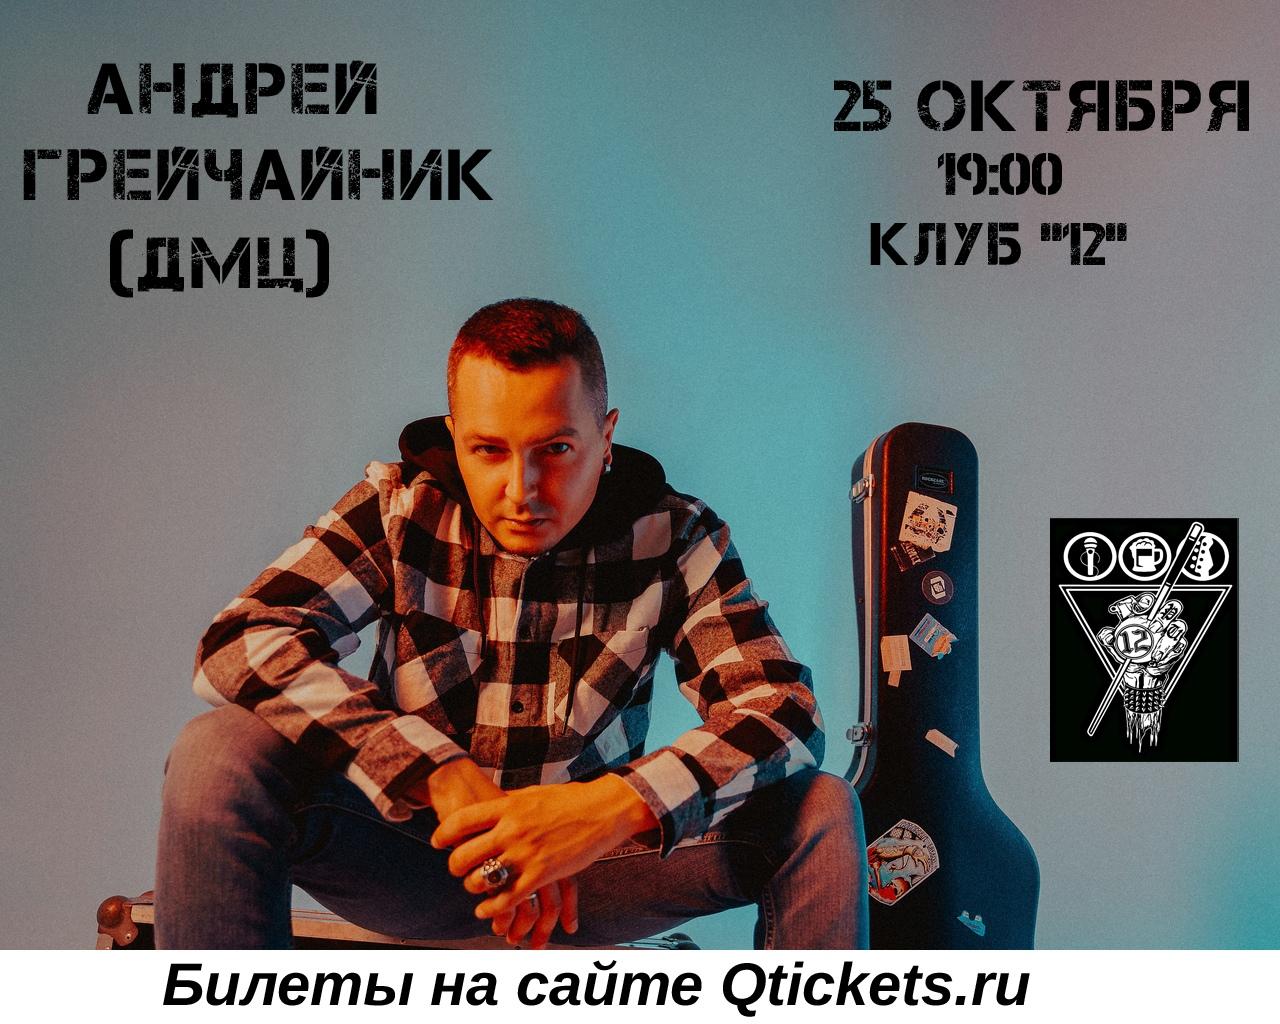 Афиша Воронеж Андрей Грейчайник / Воронеж / 25 октября